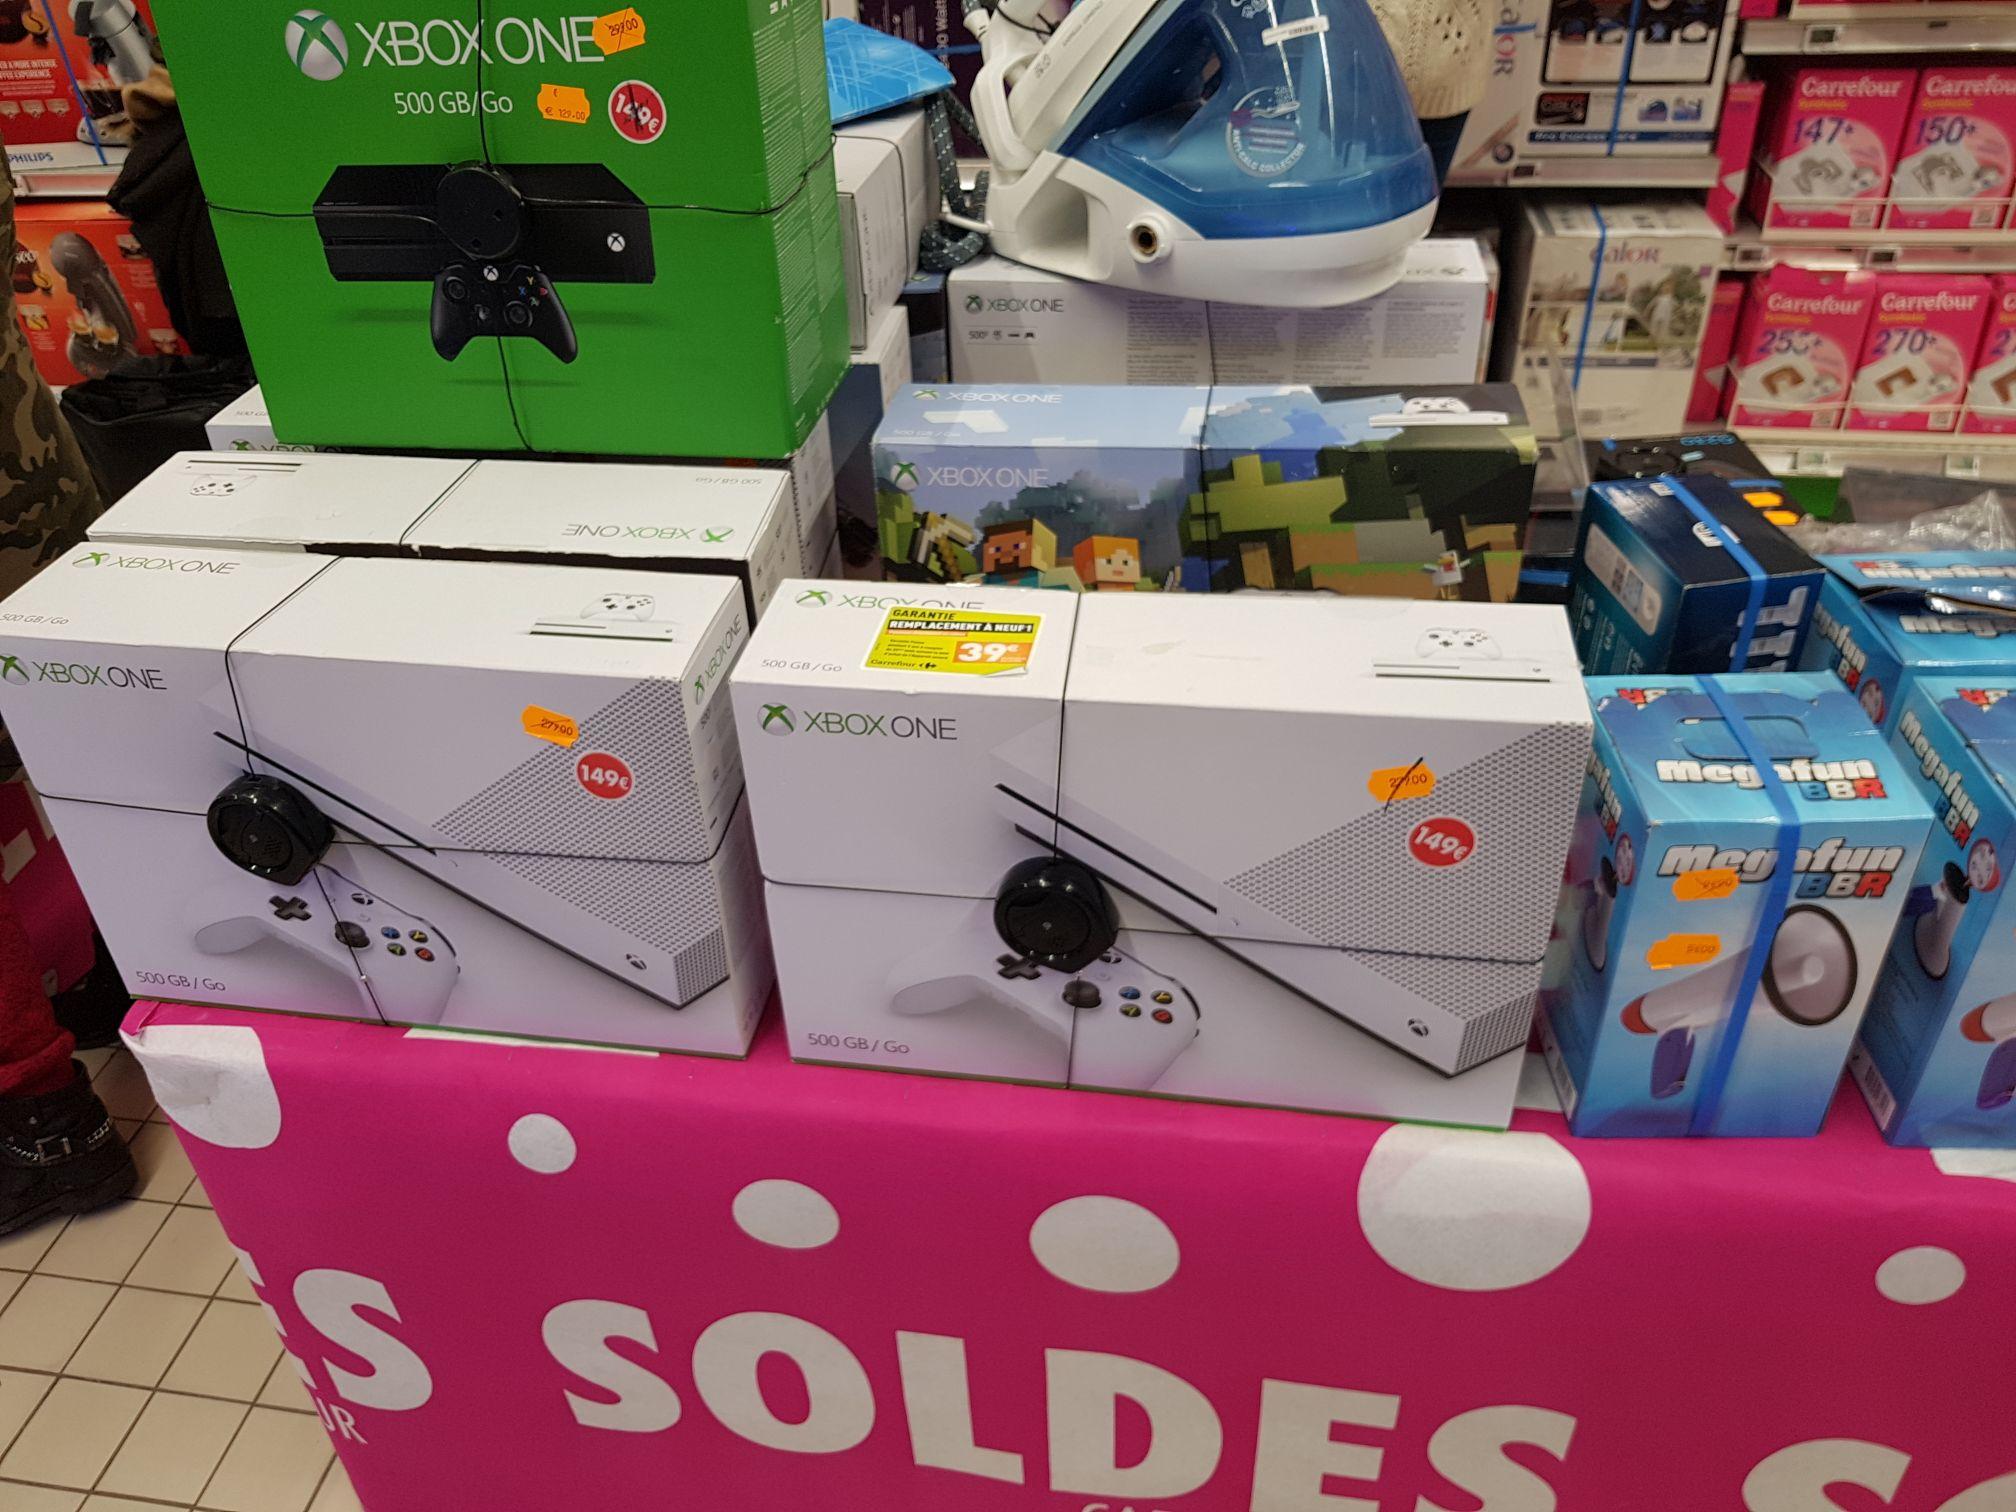 Sélection de consoles Xbox One en promotion - Ex : Microsoft Xbox One S (500 Go, blanc) au Carrefour Montereau-Fault-Yonne (77)